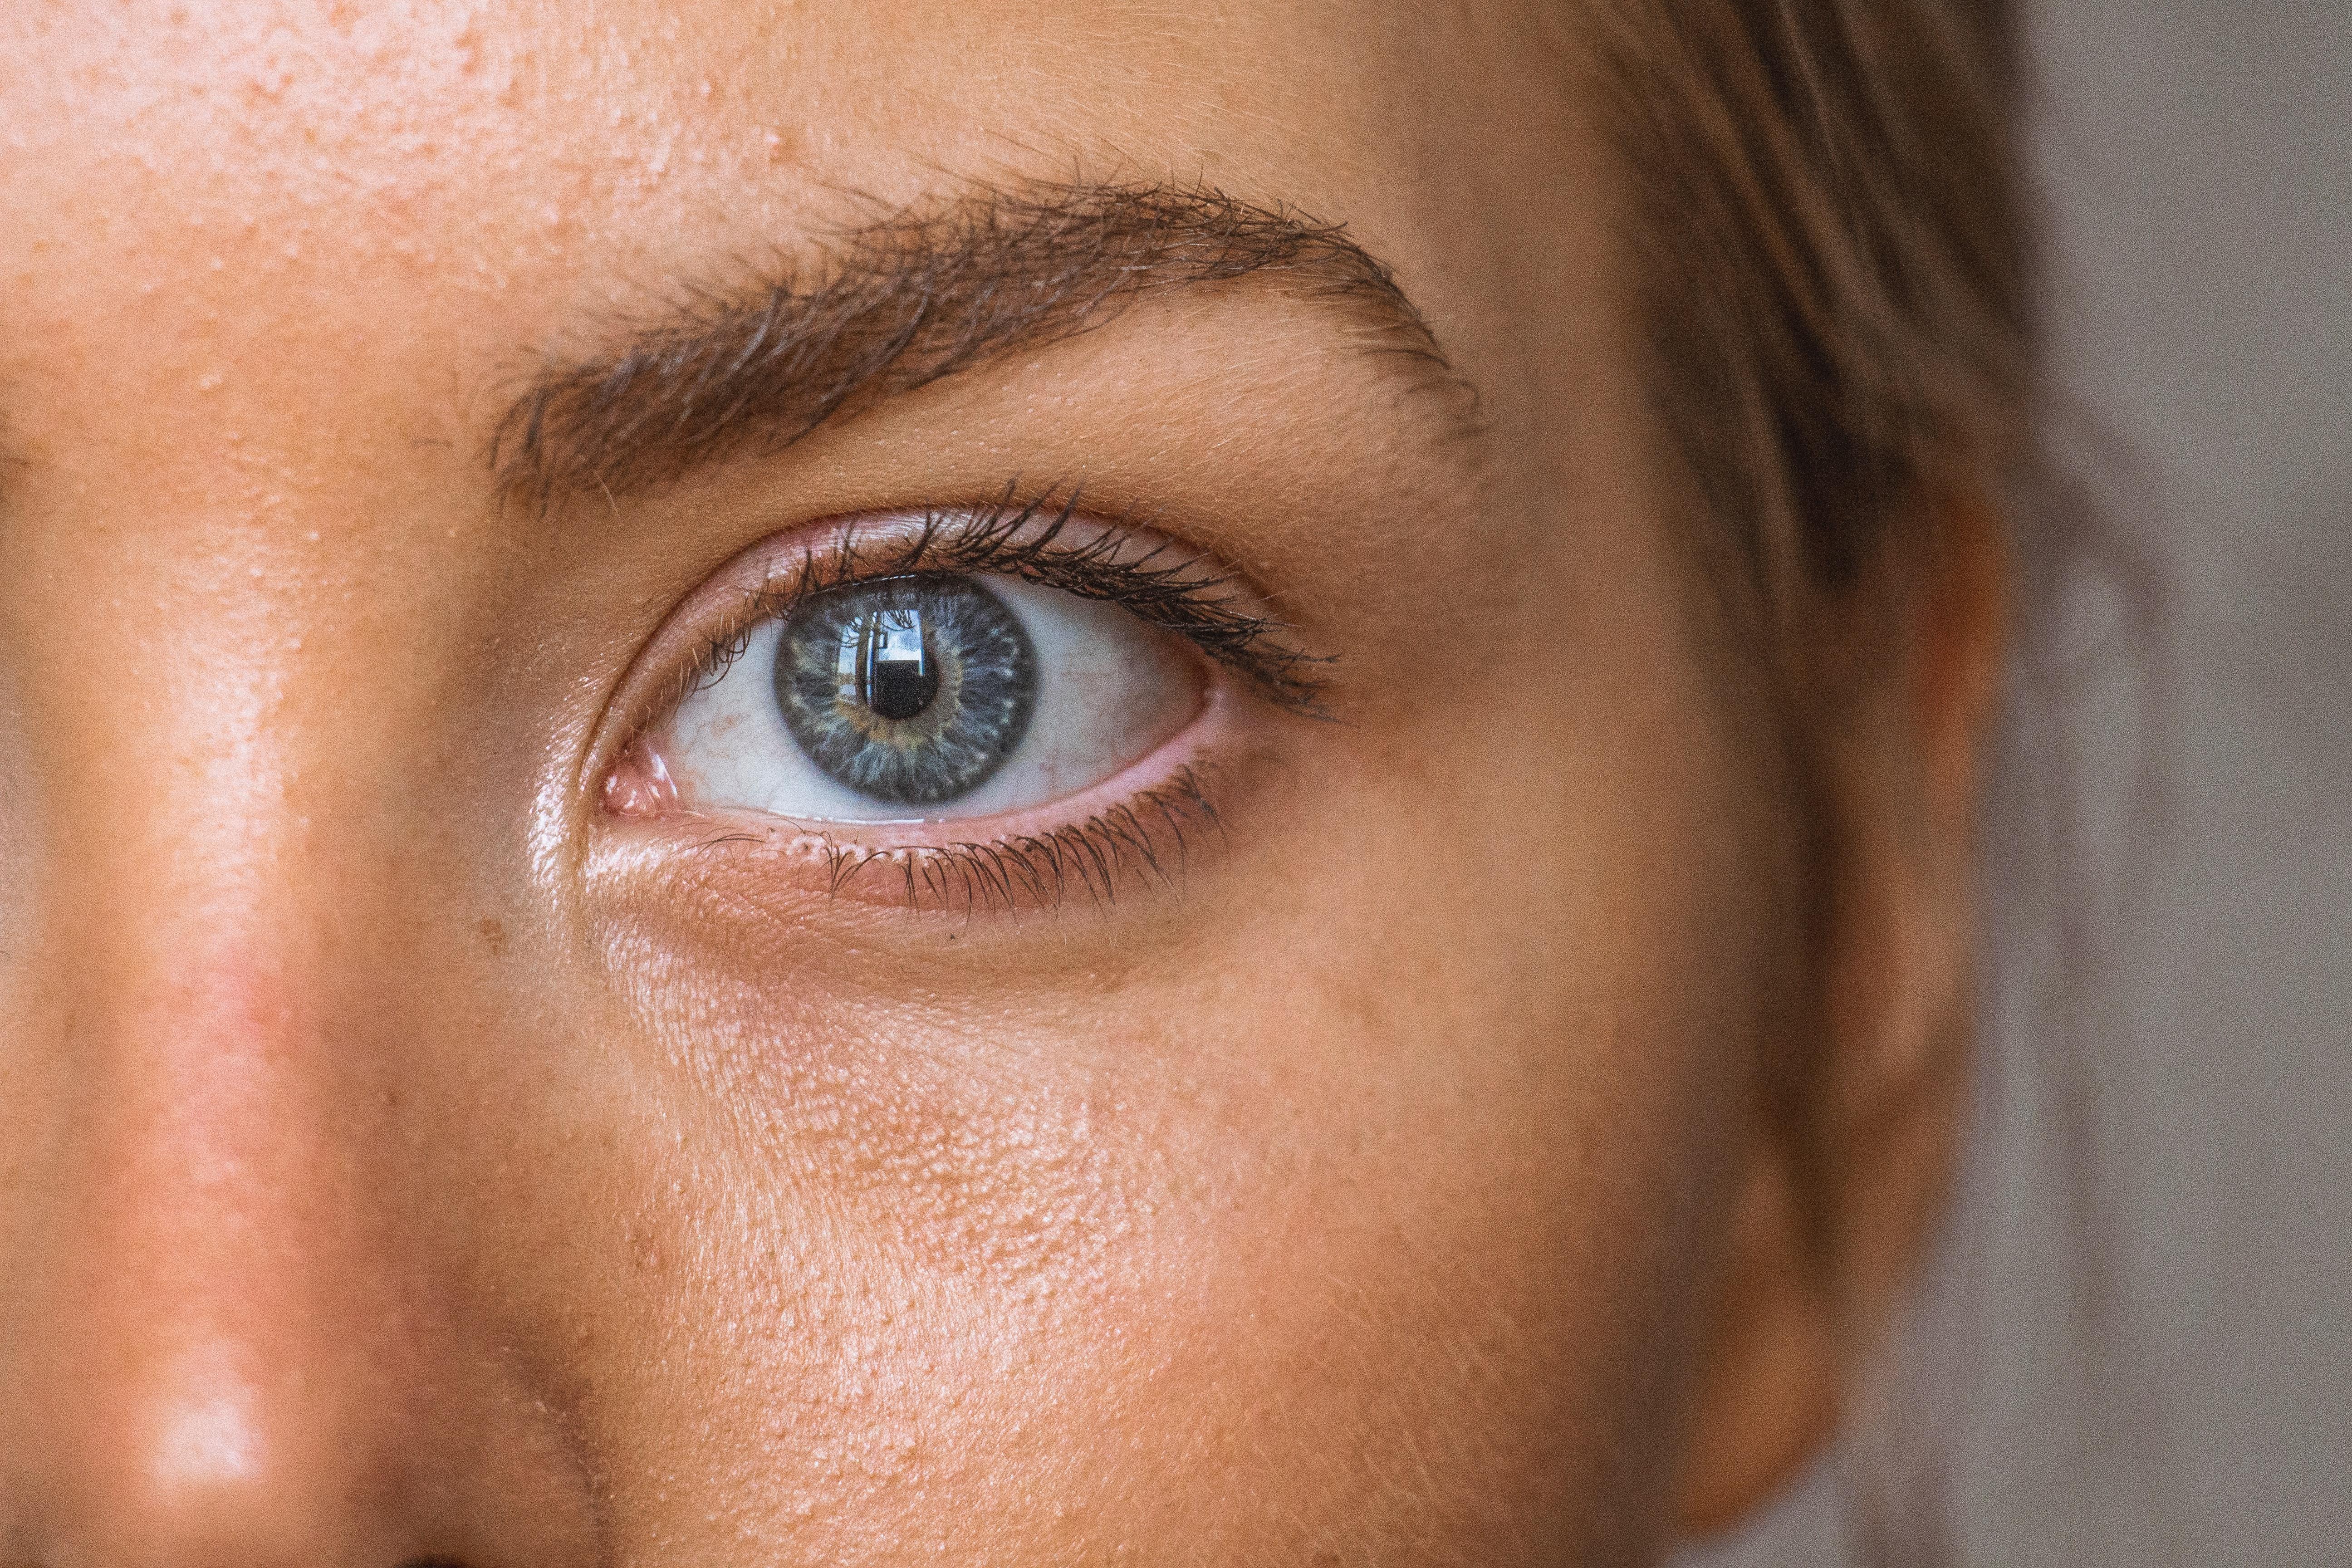 Entenda definitivamente como agem 4 poderosos antioxidantes para defender a pele dos danos do sol